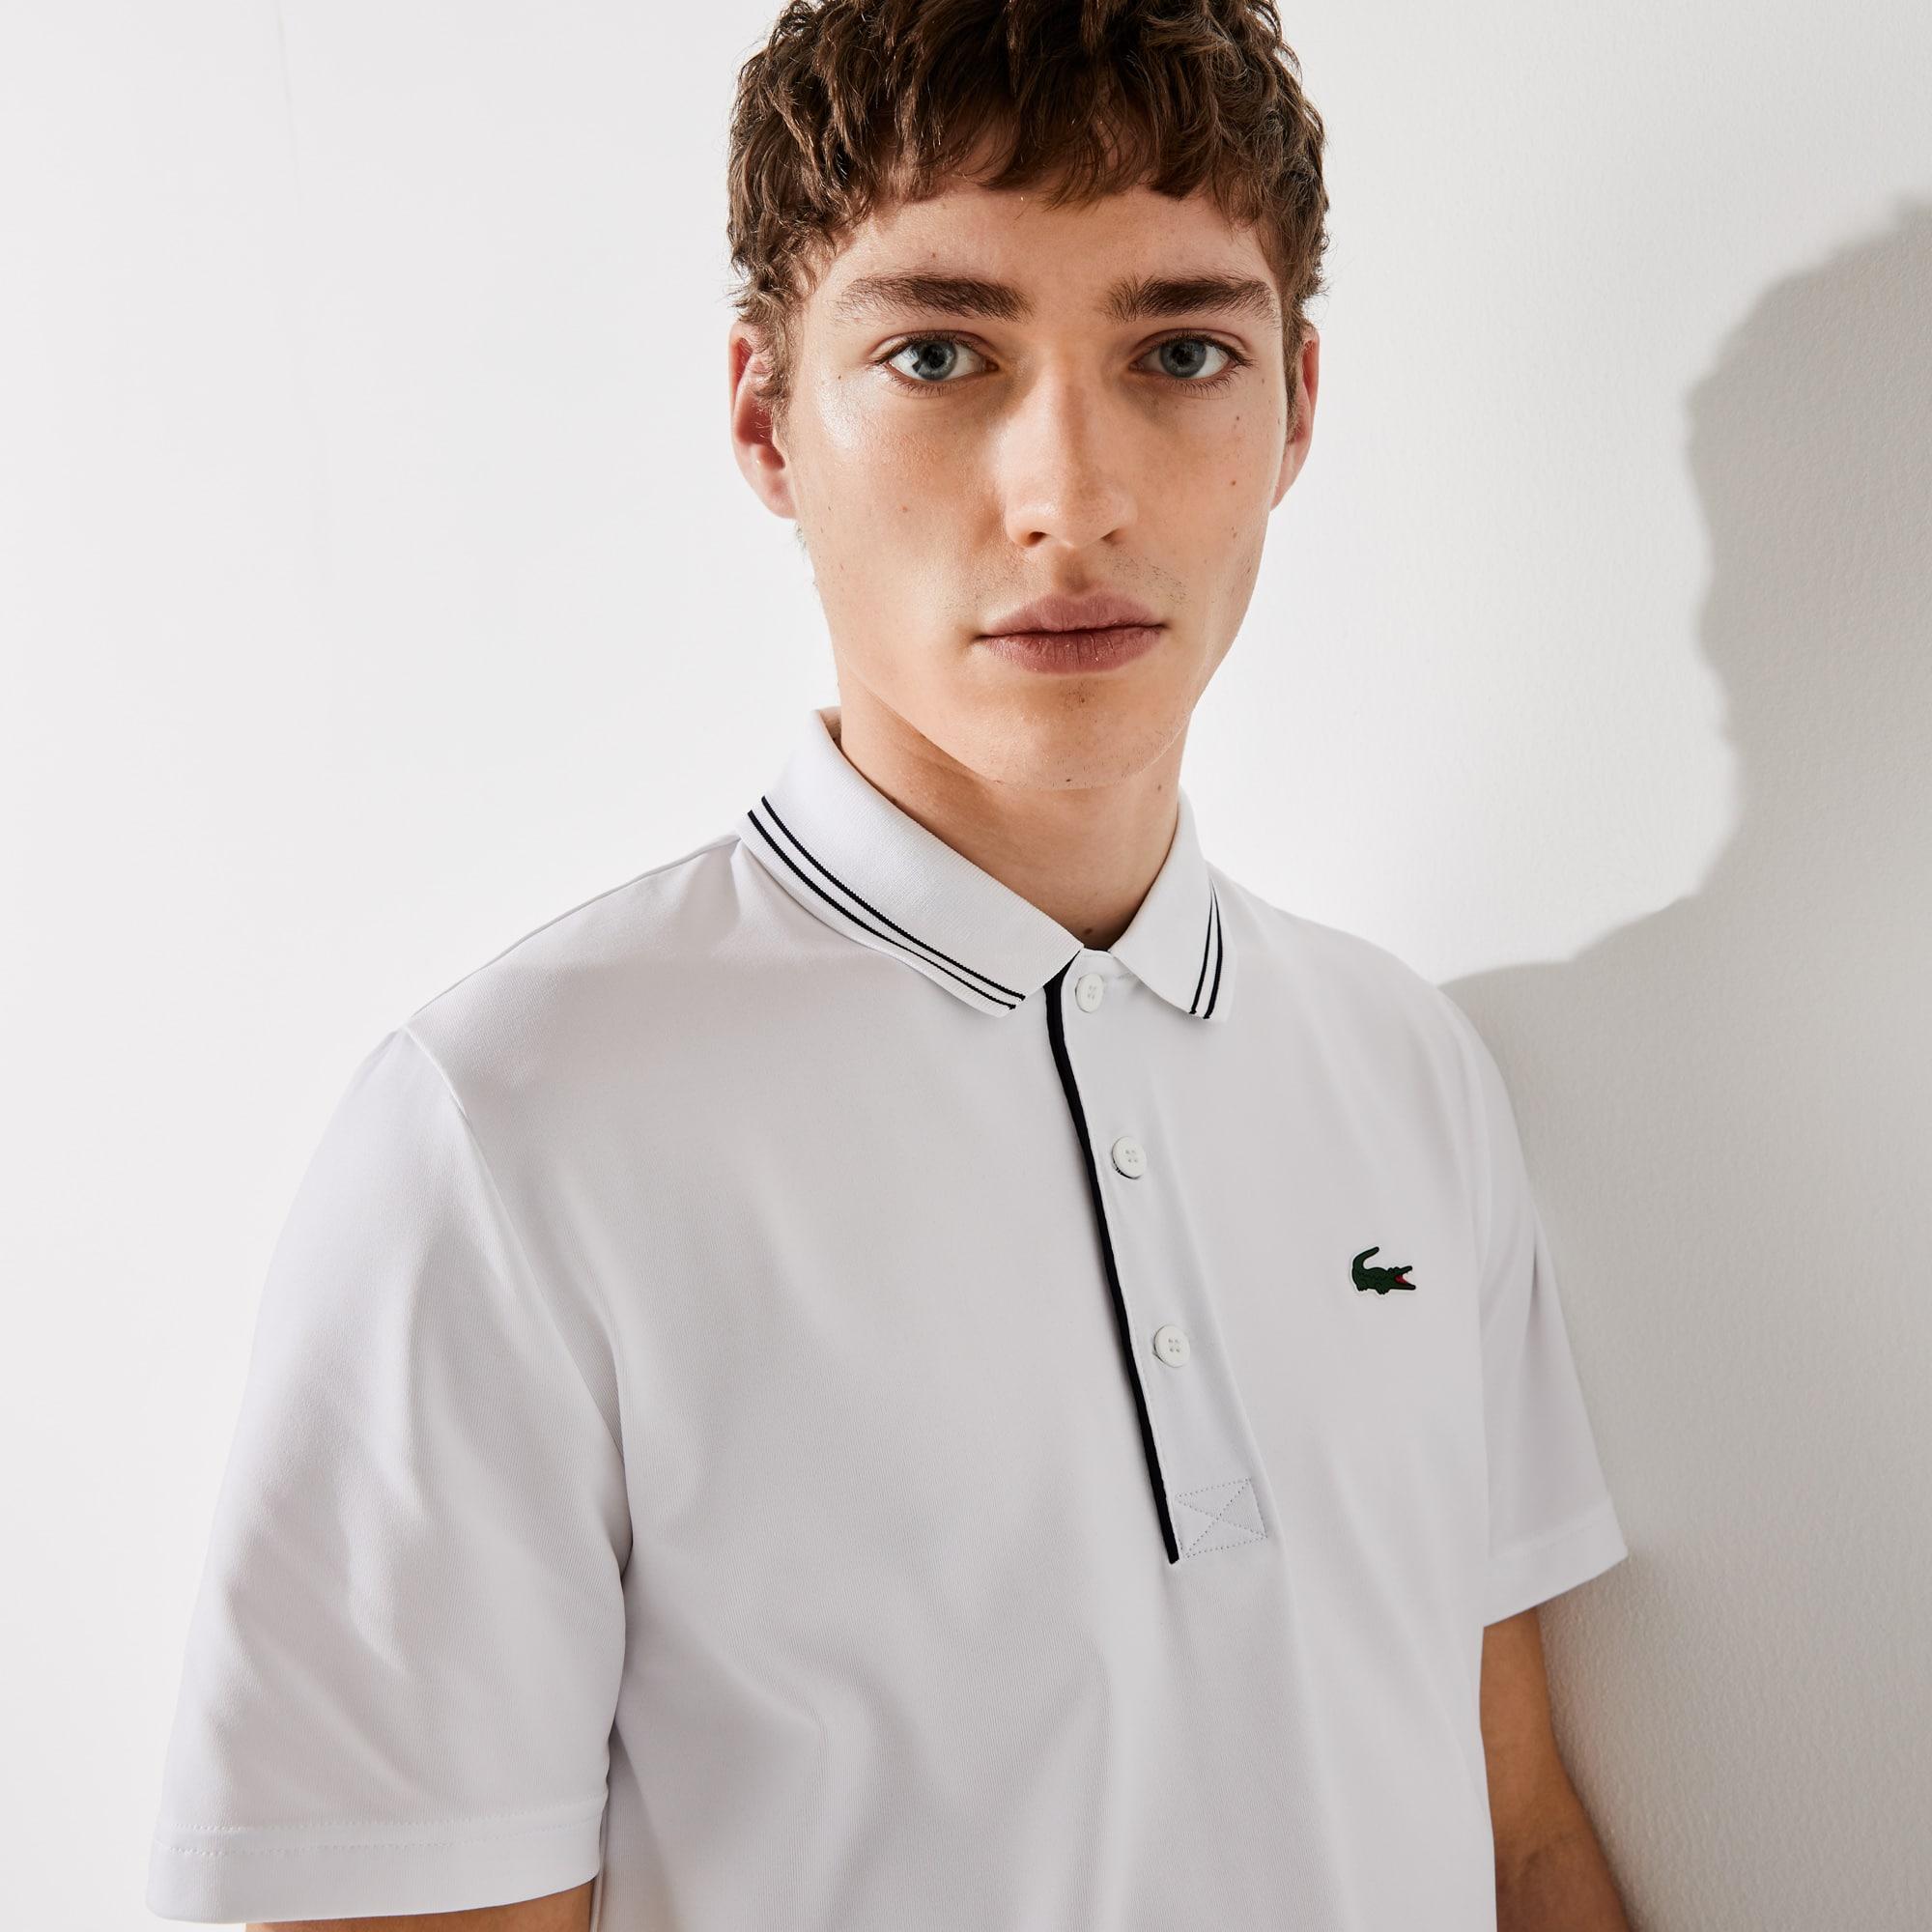 라코스테 Lacoste Mens SPORT Signature Breathable Golf Polo Shirt,White / Navy Blue - AJ0